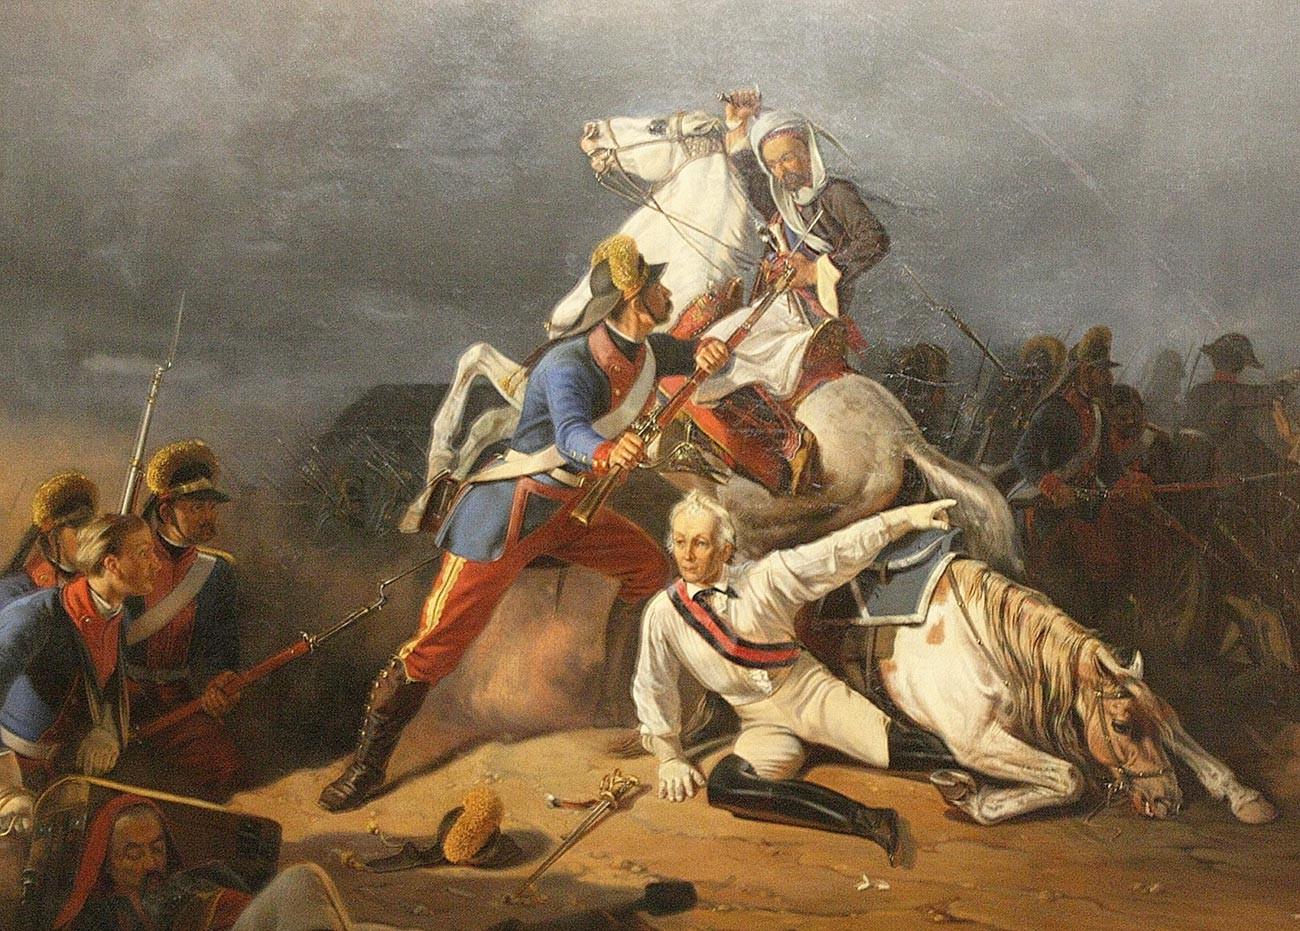 Спасение генерал-аншефа А.В. Суворова гренадером Новиковым в сражении при Кинбурне 1 октября 1787 года.